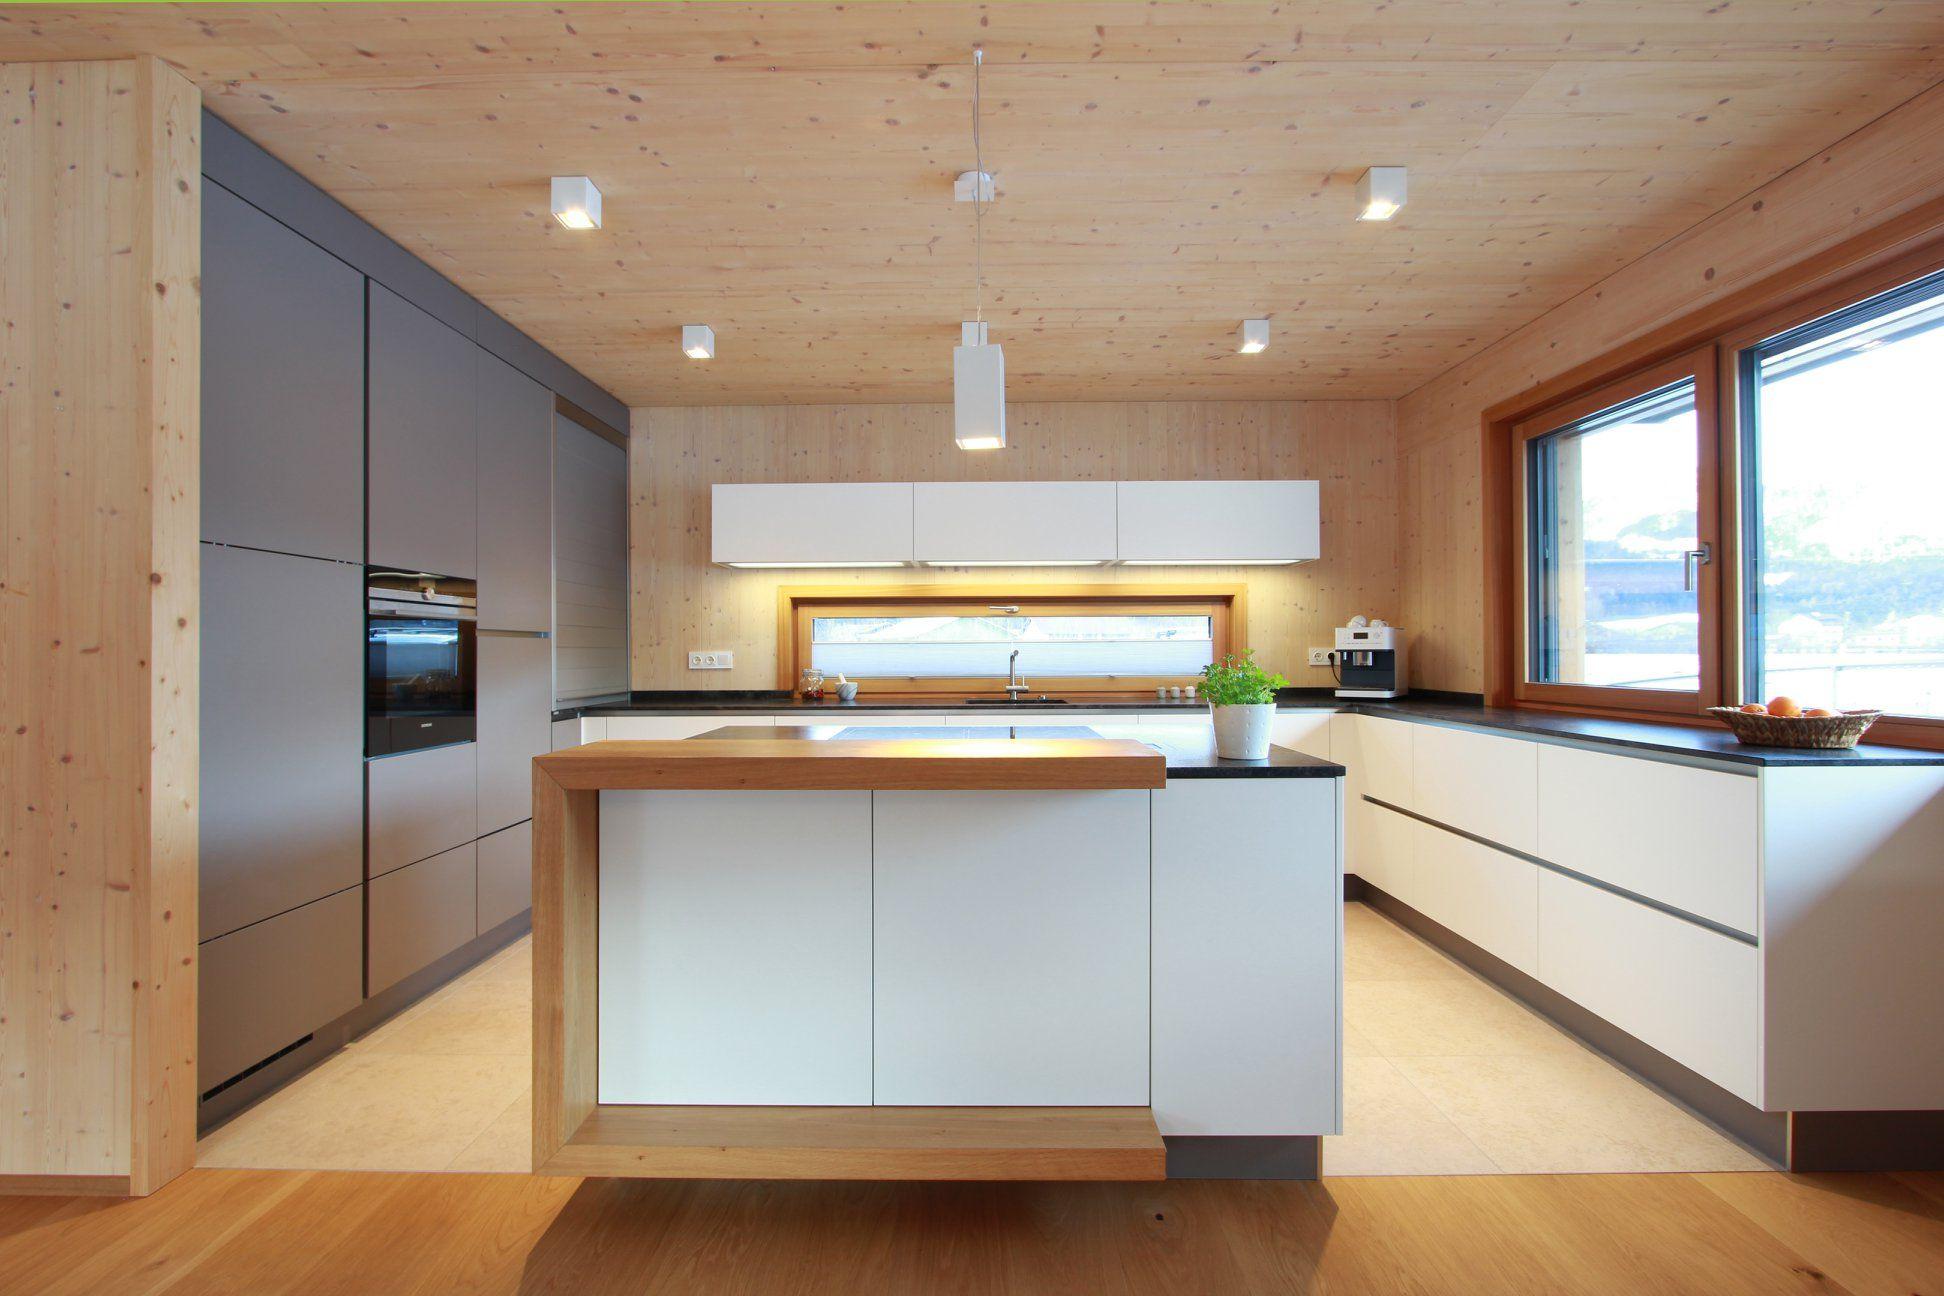 Moderne Kuche In Grau Und Weiss Im Holzhaus Moderne Kuche Kuche Weiss Holz Haus Kuchen